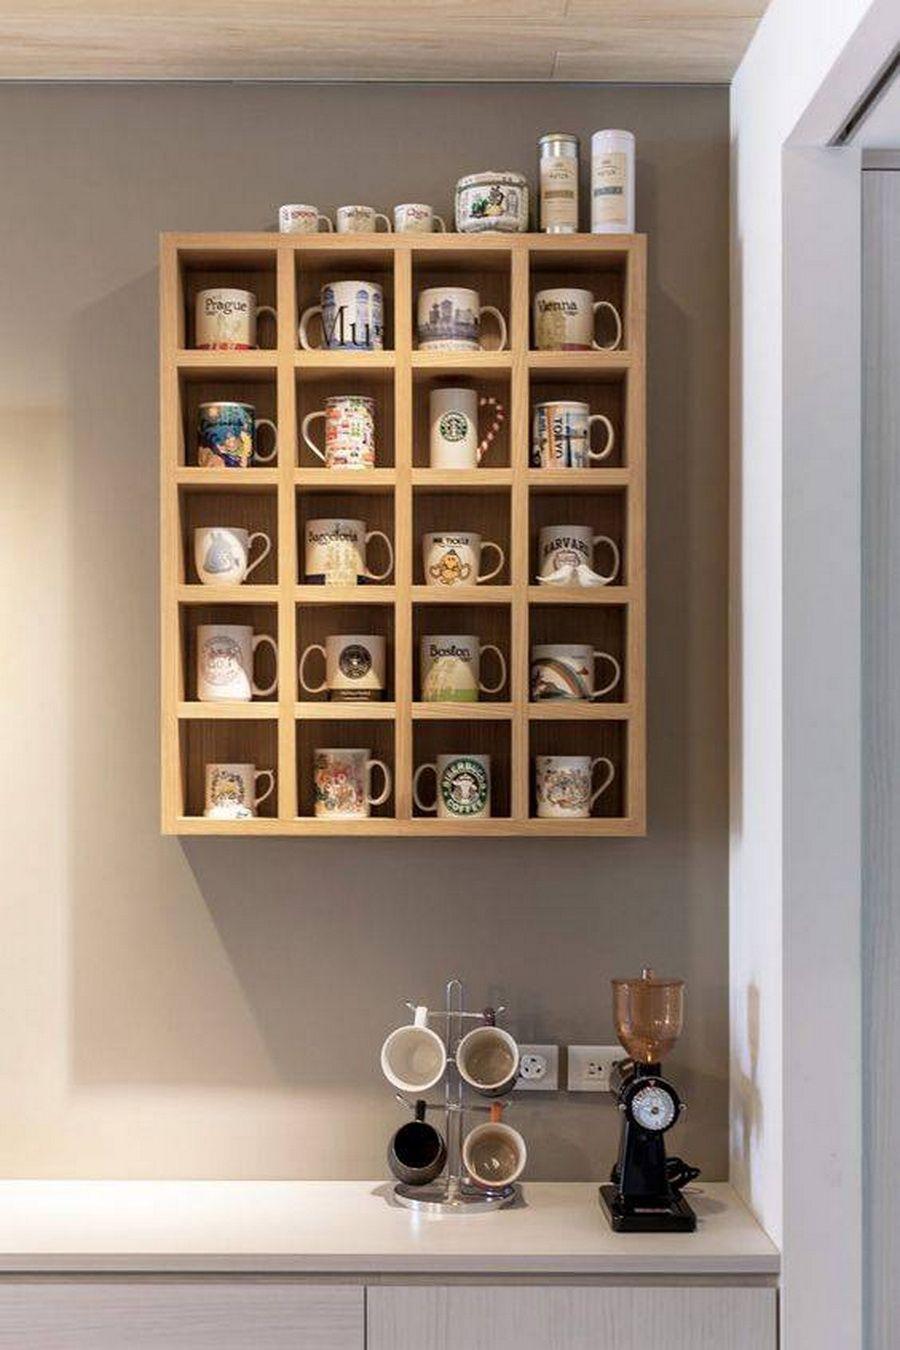 38 ไอเด ย ช นวางของต ดผน ง ไอเด ยส ดแนวเพ อสร างพ นท เก บของ พร อมตกแต งบ านไปในต ว Naibann Com Wooden Shelving Units Mug Storage Home Decor